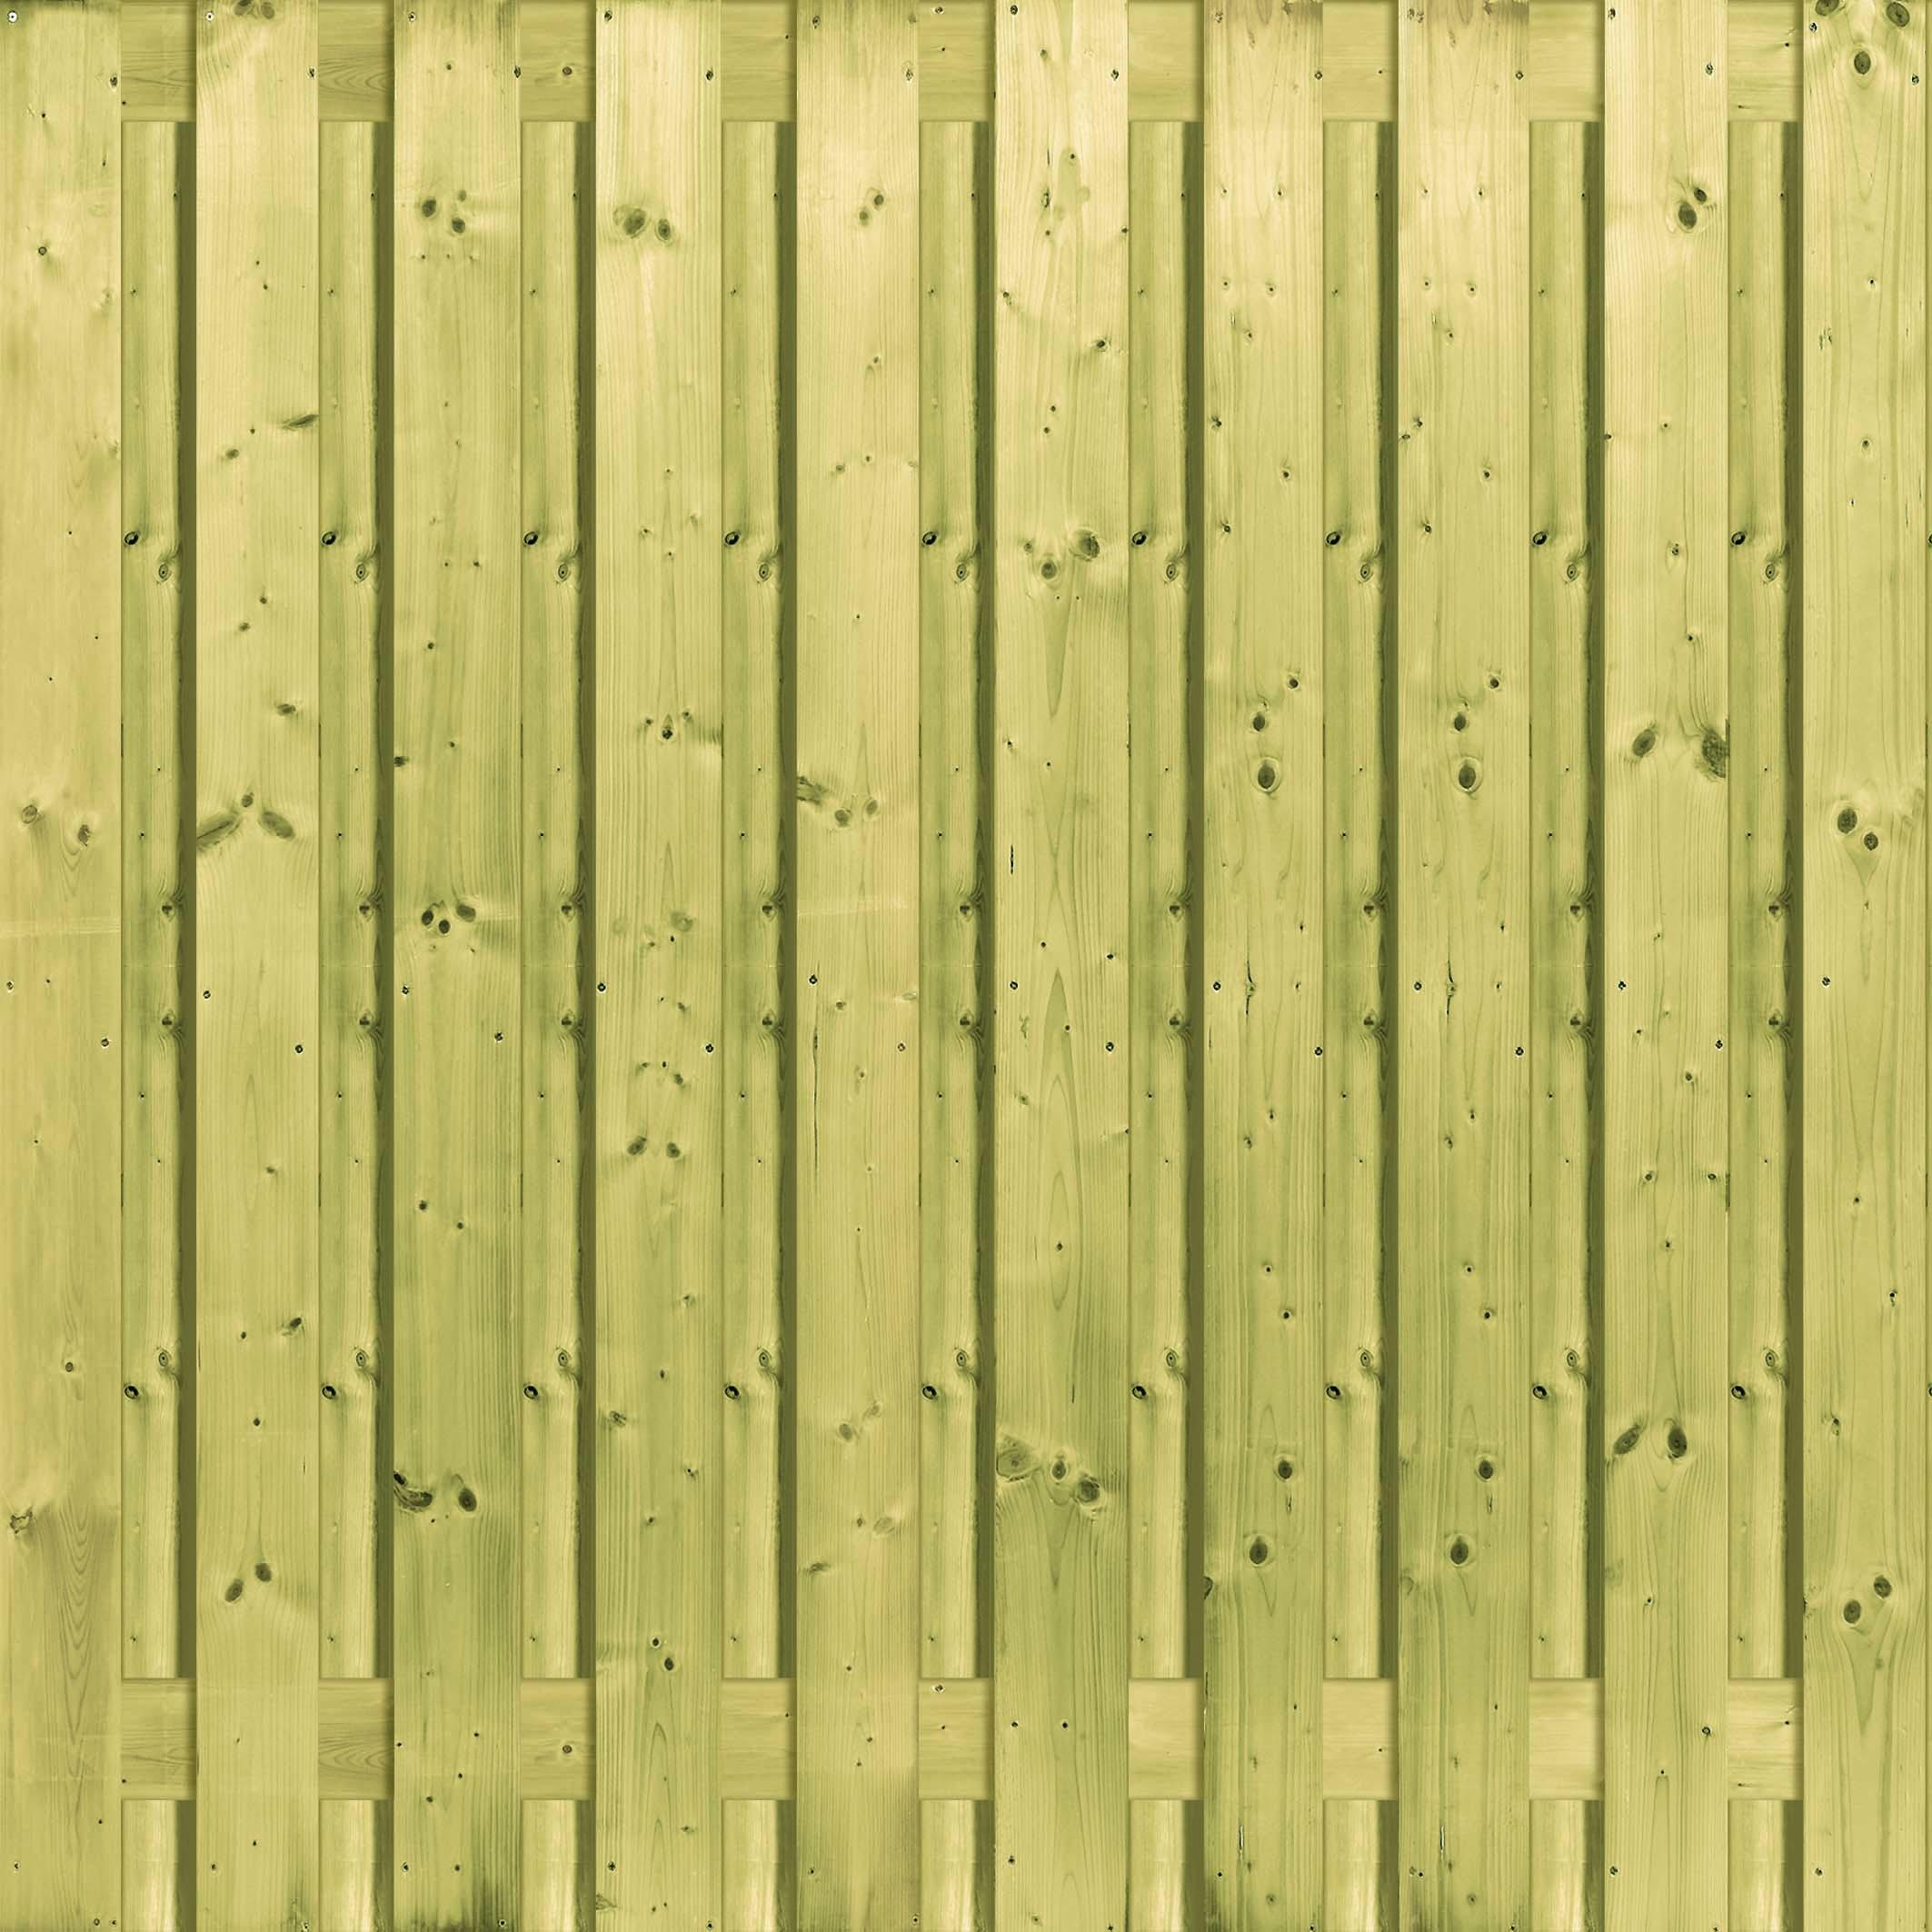 Houten schutting Grenen 130 x 180 cm Type: Betonbouw 21Vuren Betonbouw